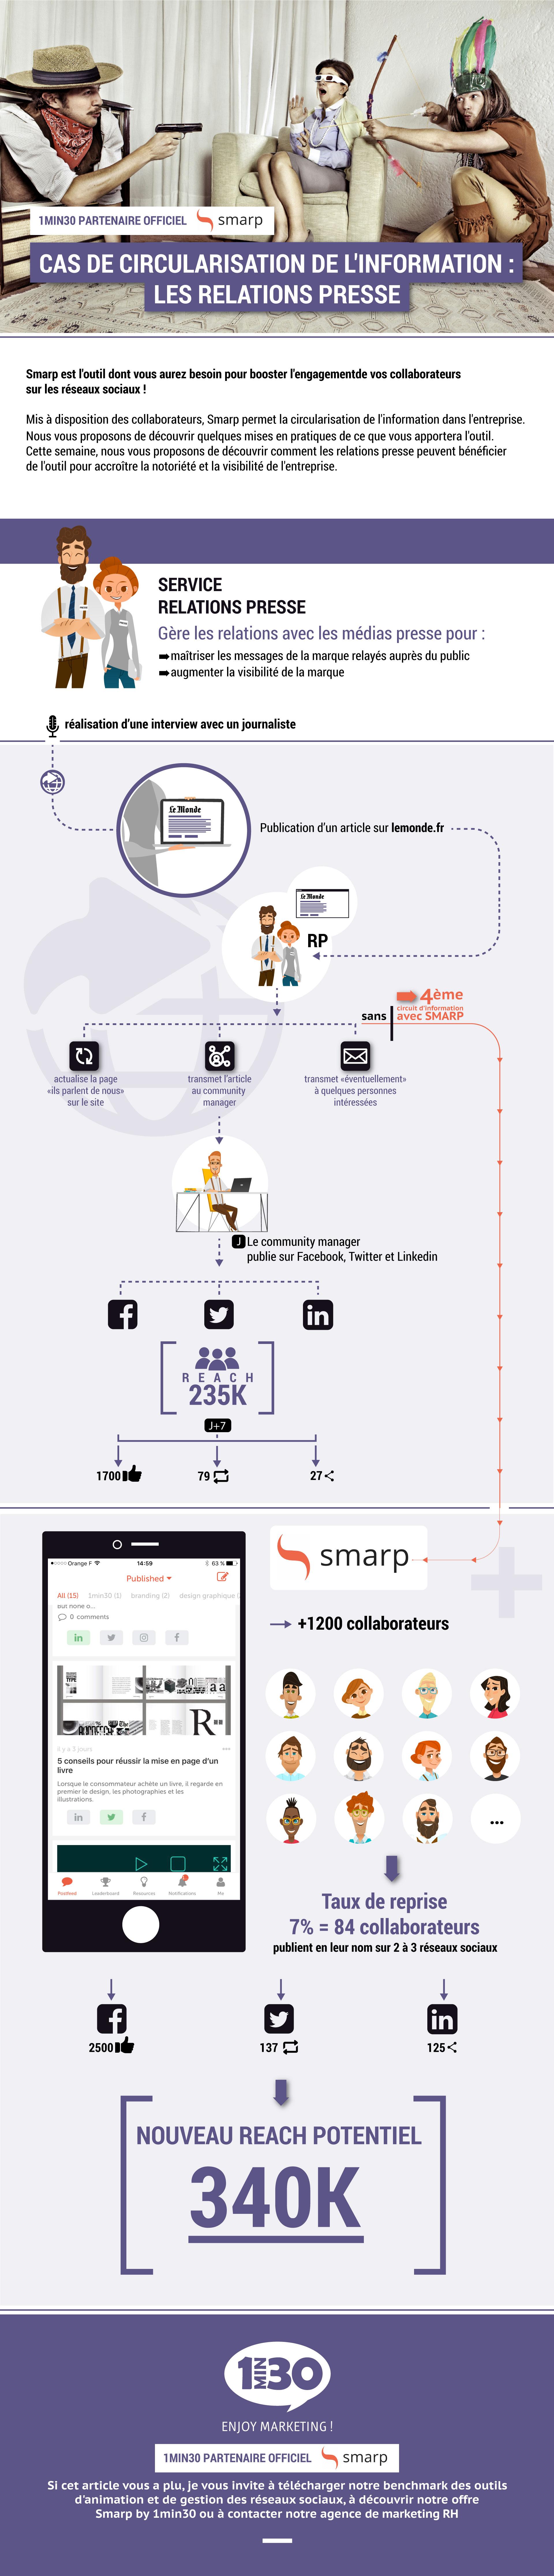 Infographie : Comment Smarp facilite l'action des relations presse